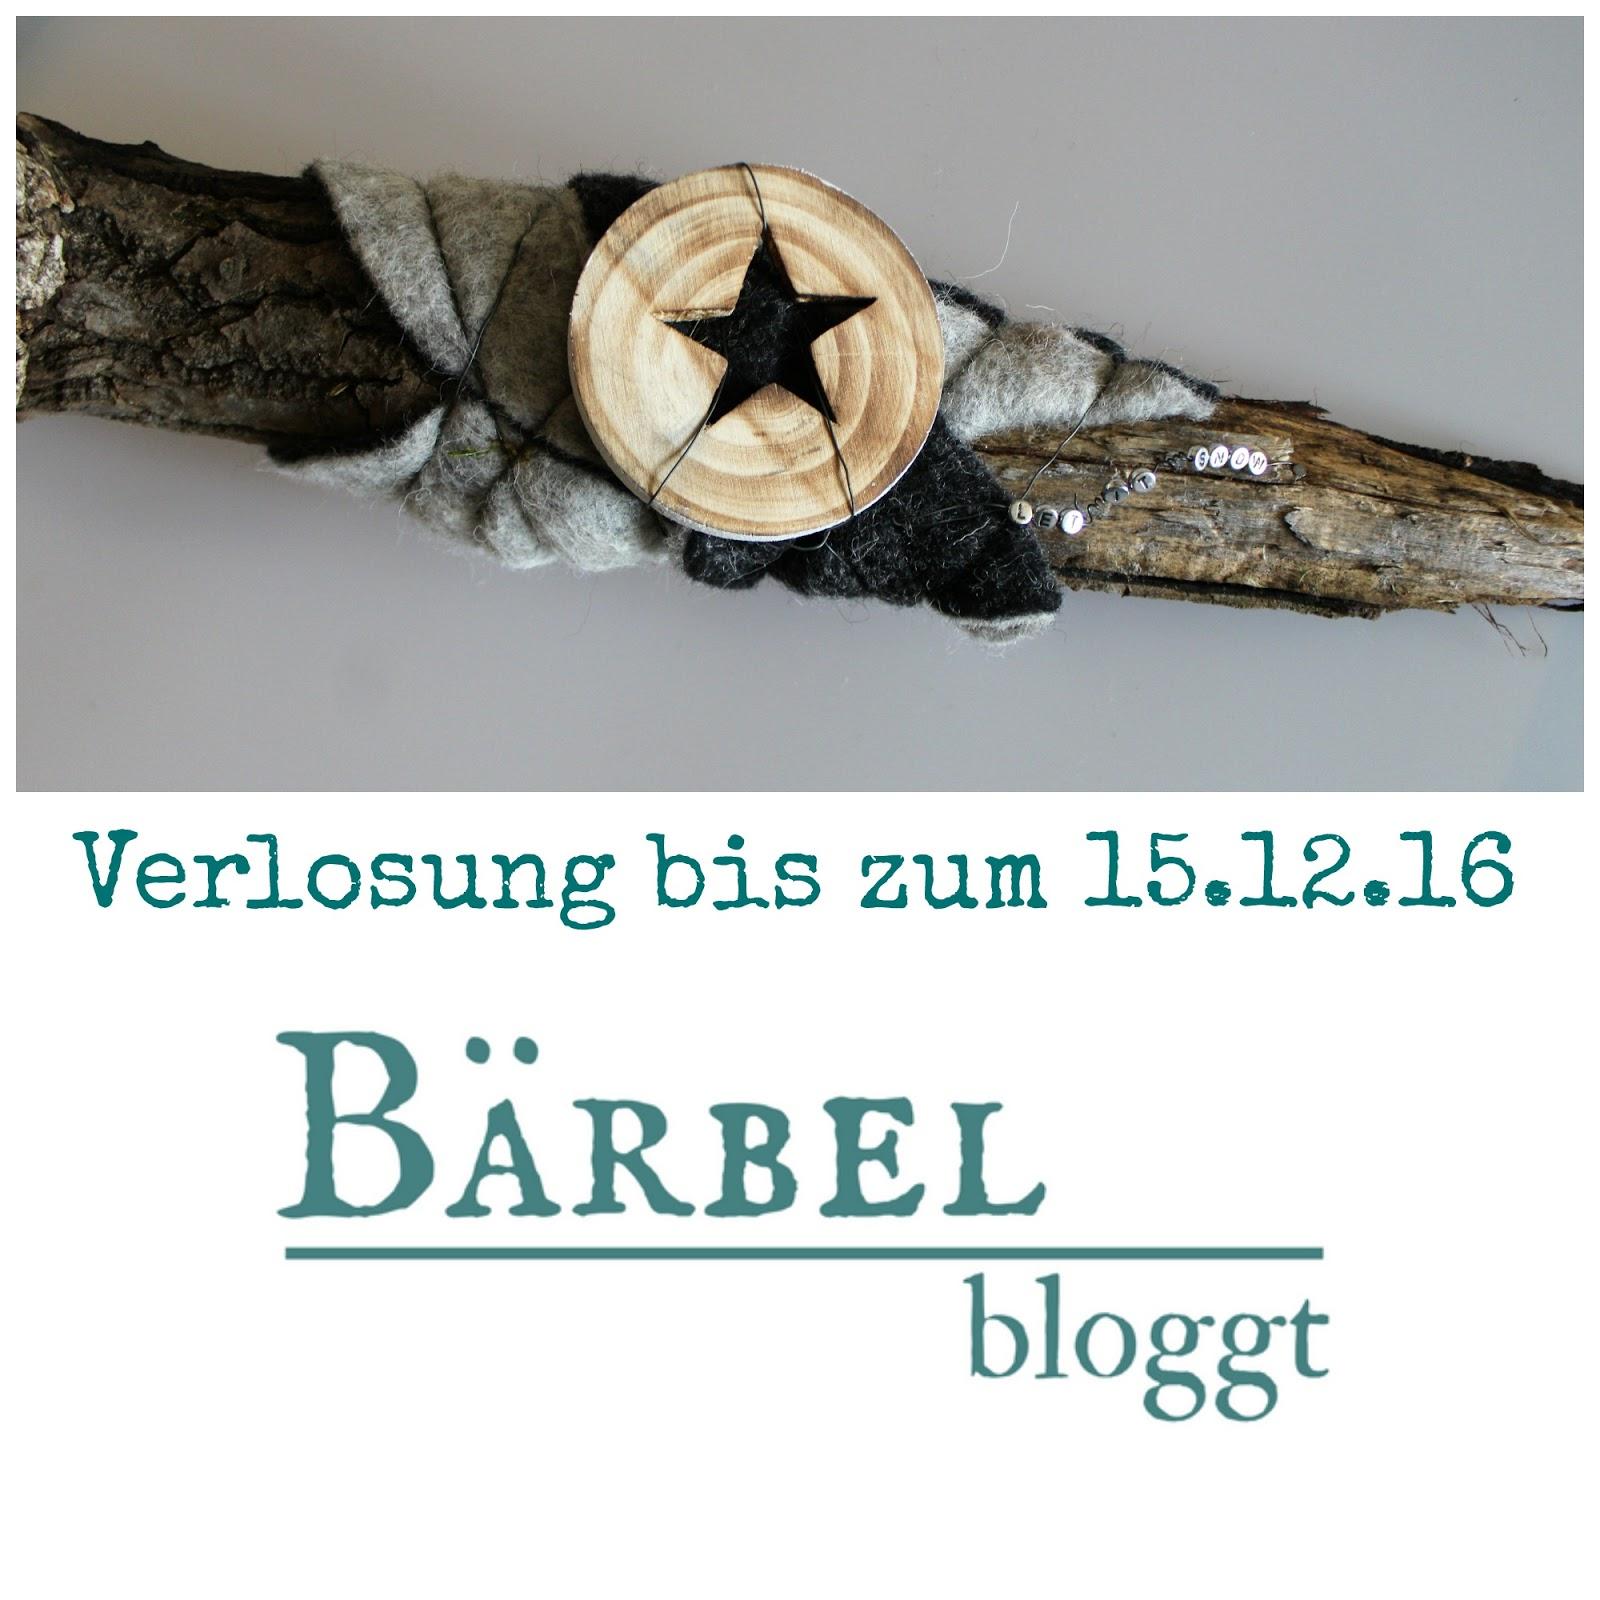 Bärbel bloggt: Nr.10 - DIY Naturdeko, nicht nur für den Weihnachtstisch.